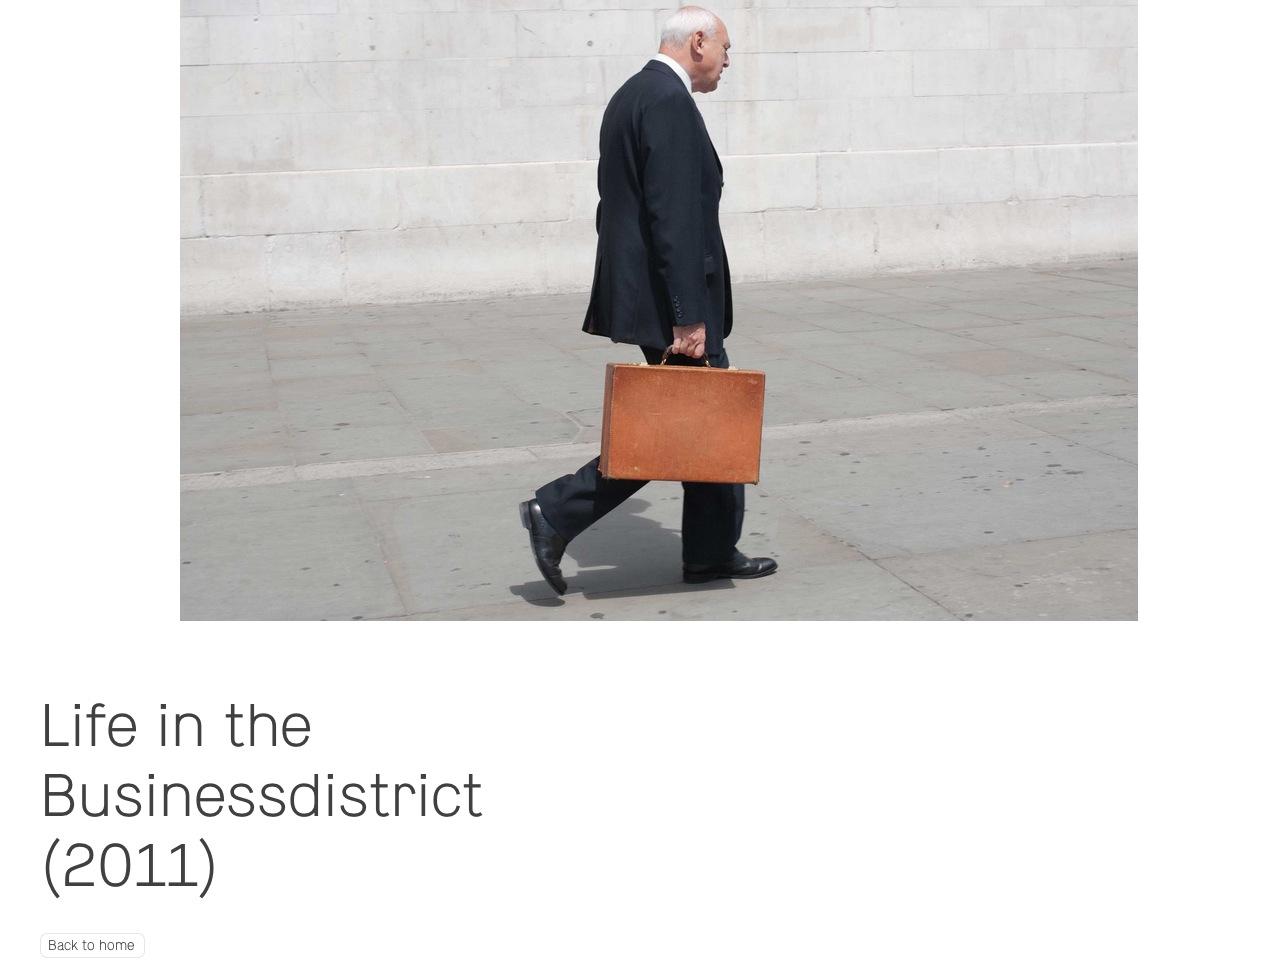 Olivier van Breugel. ビジネスマンを被写体にするフォトグラファー